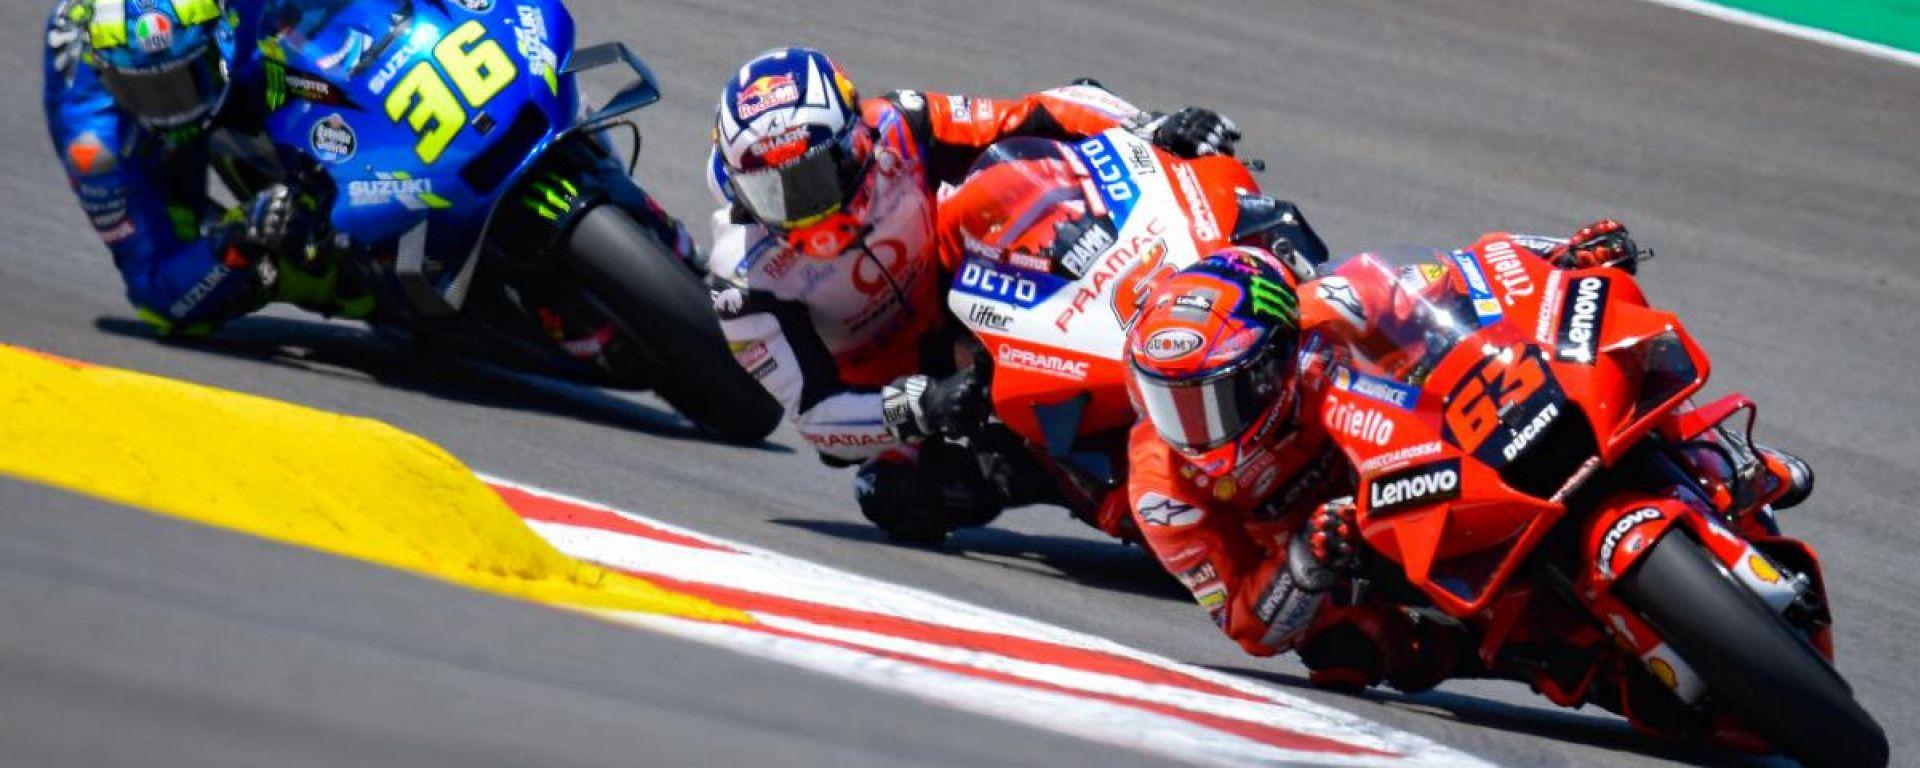 MotoGP Portogallo 2021, Portimao: Pecco Bagnaia (Ducati) davanti a Johann Zarco e Joan Mir (Suzuki)